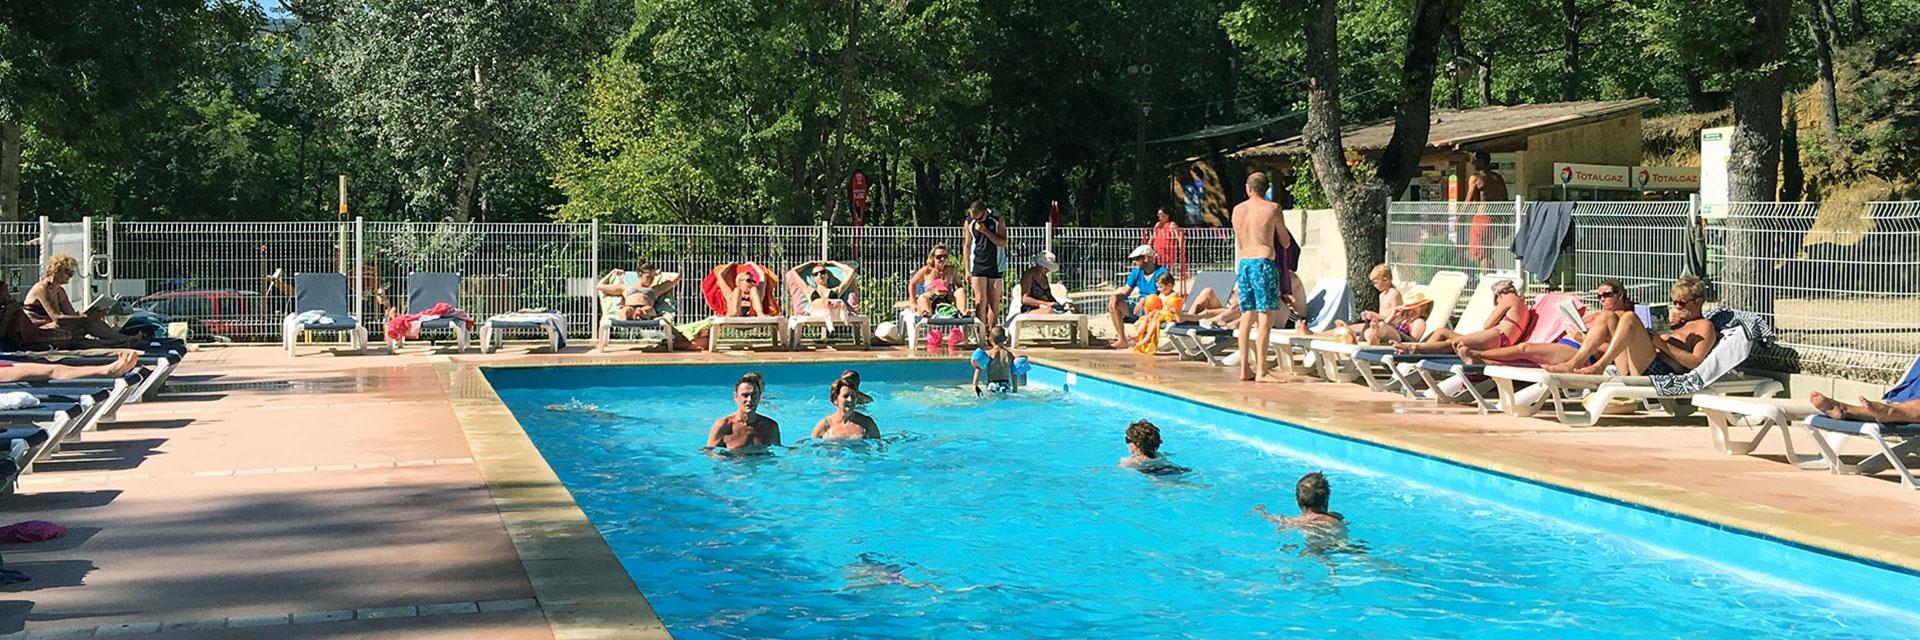 Camping le colorado rustrel dans le luberon en vaucluse - Location luberon piscine ...